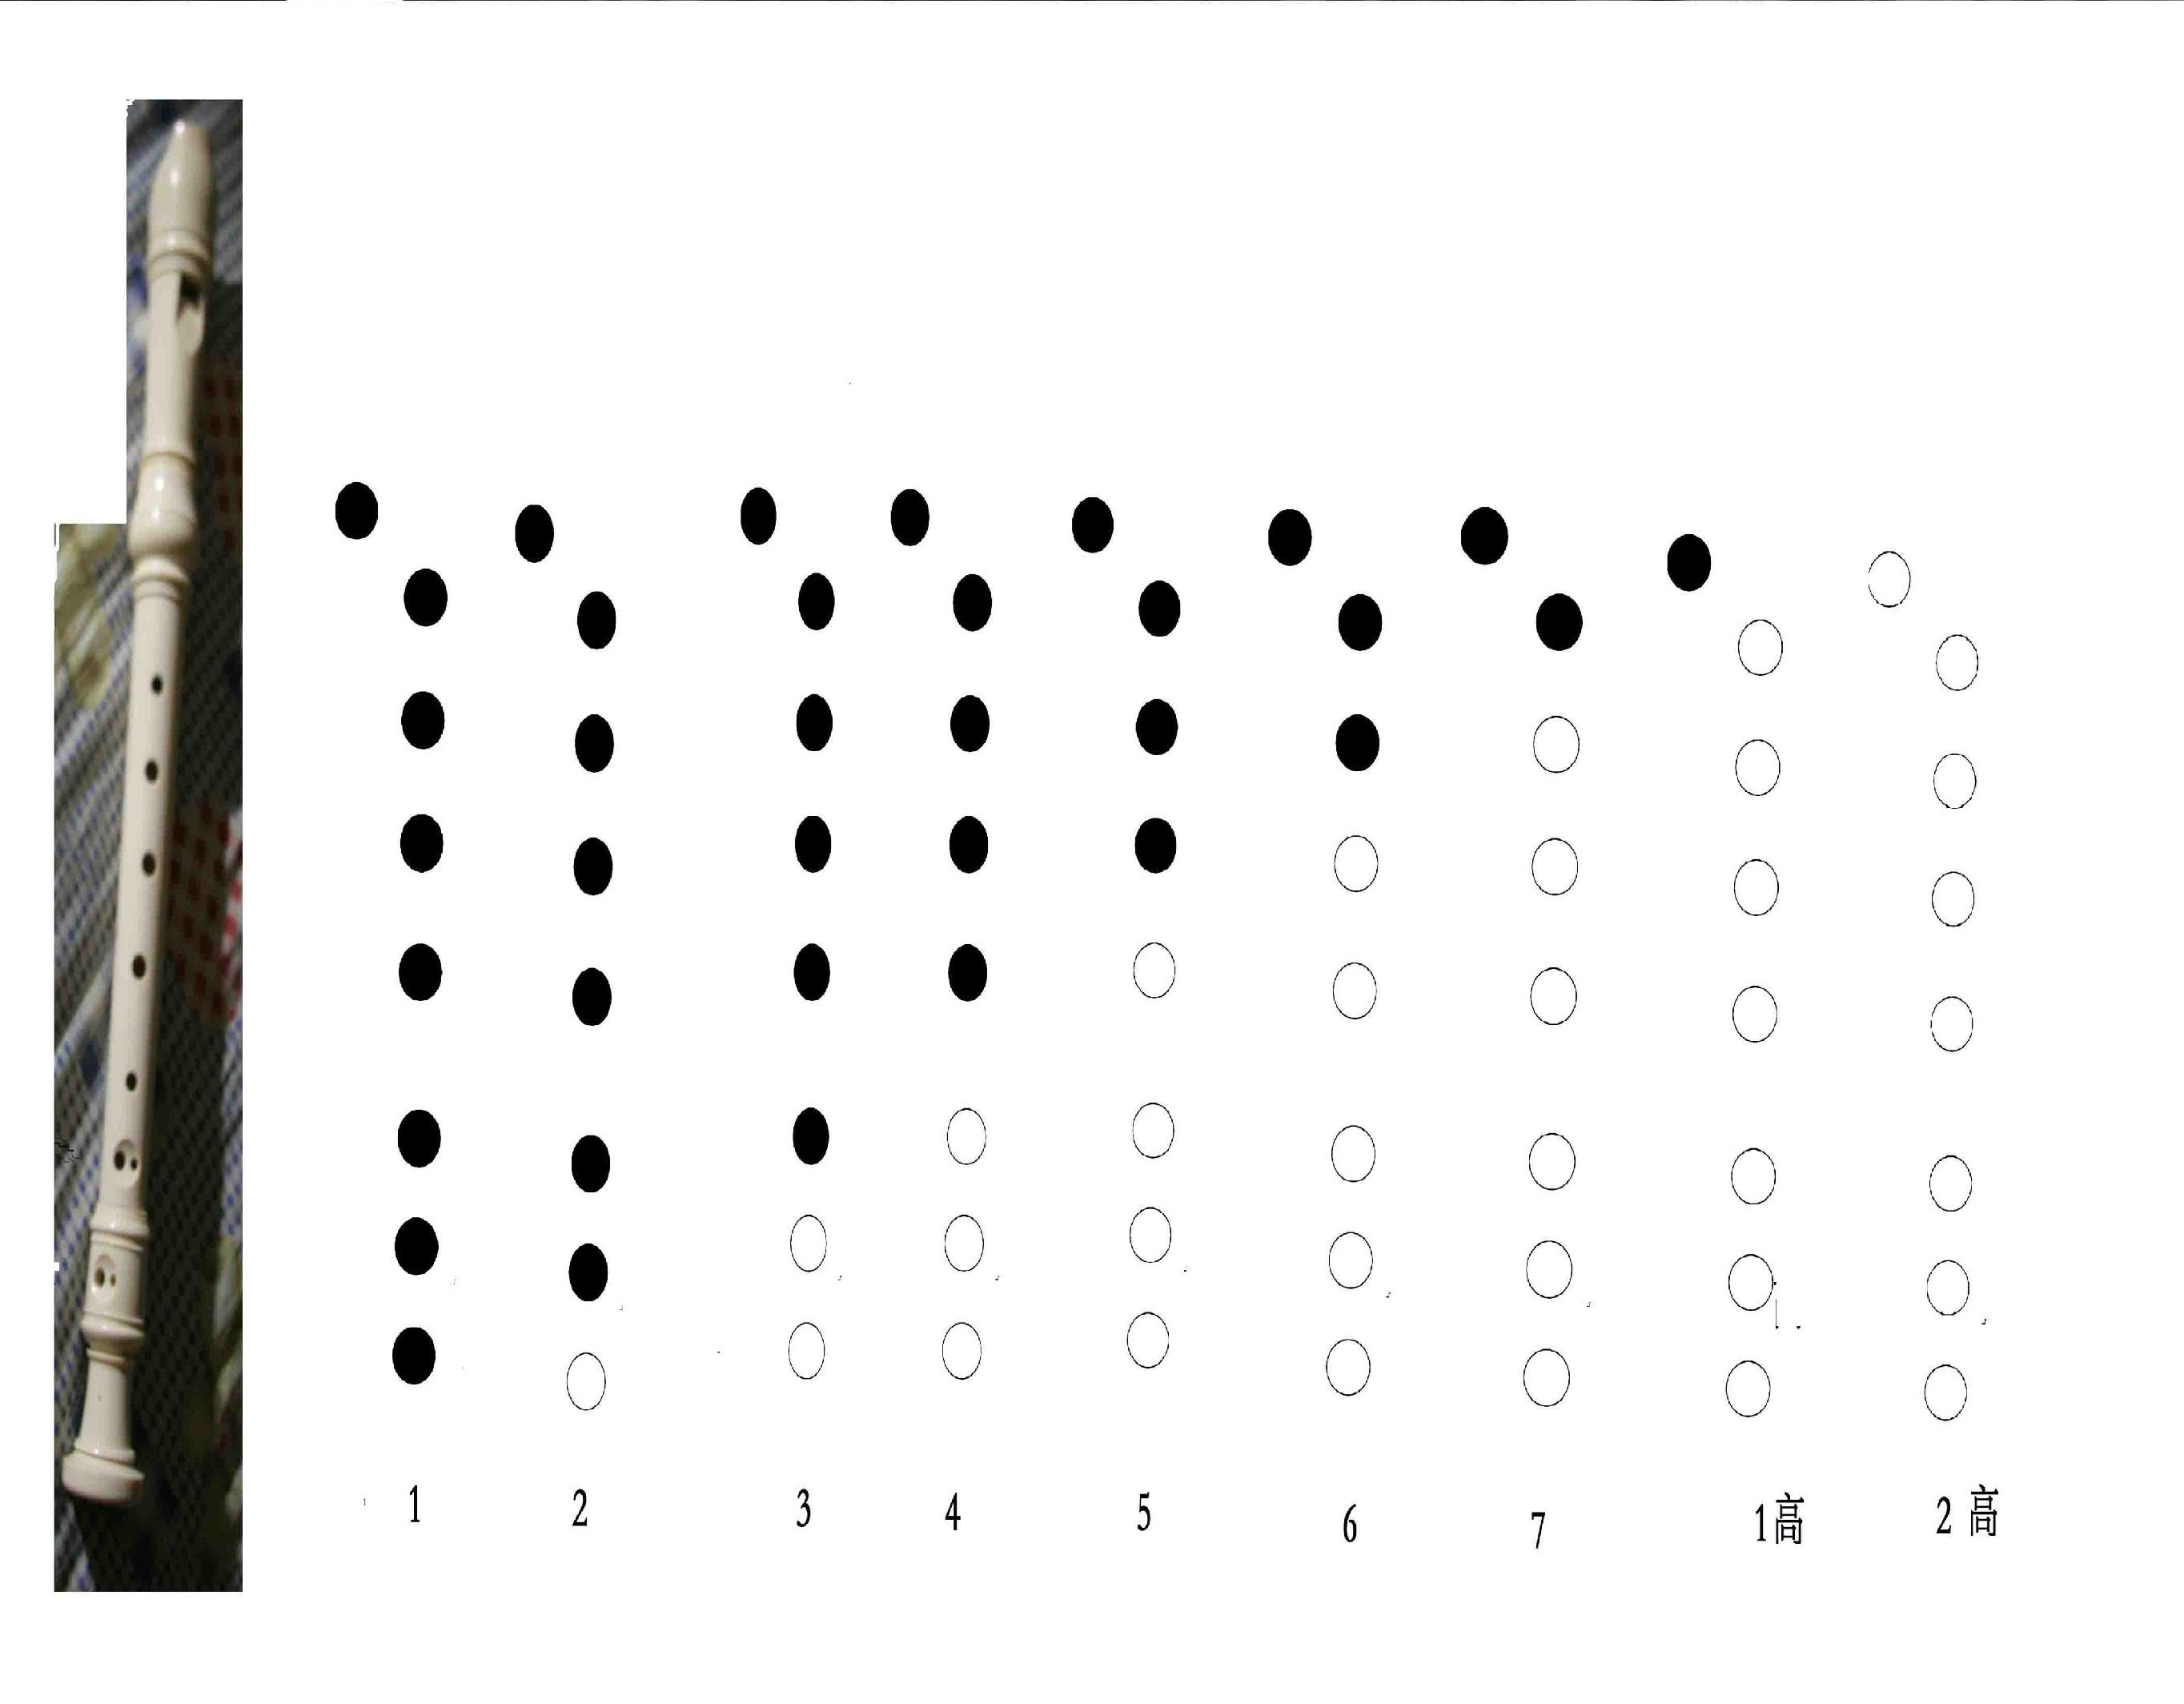 八孔竖笛小星星简谱-两只老虎竖笛谱-八孔竖笛小星星指法图-八孔竖笛指法小星星-八孔竖笛小星星教程-竖笛教学视频入门教程